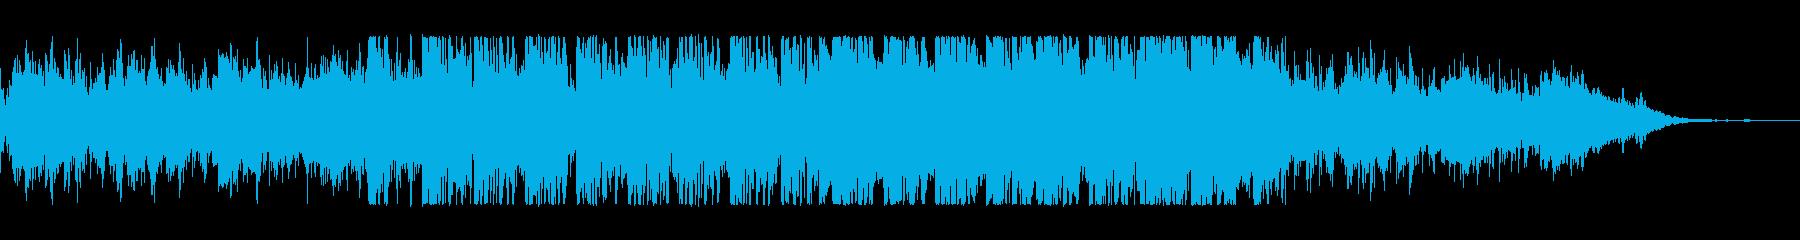 トレーラーやオープニングにの再生済みの波形